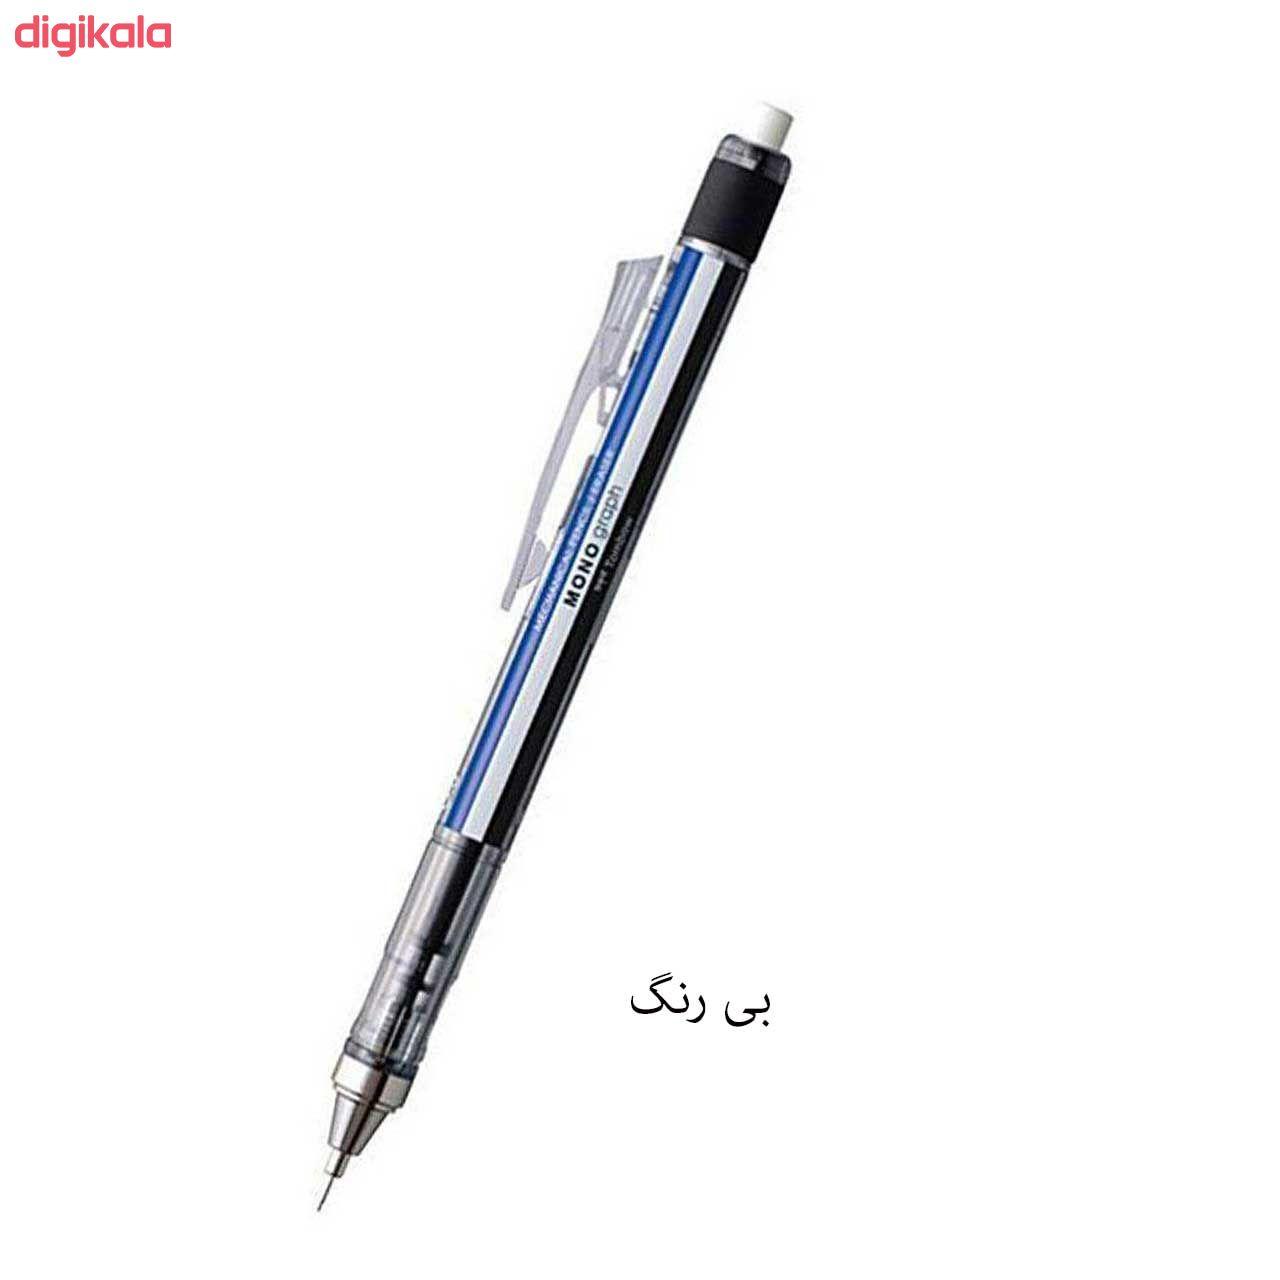 مداد نوکی 0.5 میلی متری تومبو مدل MONO GRAPPH main 1 10